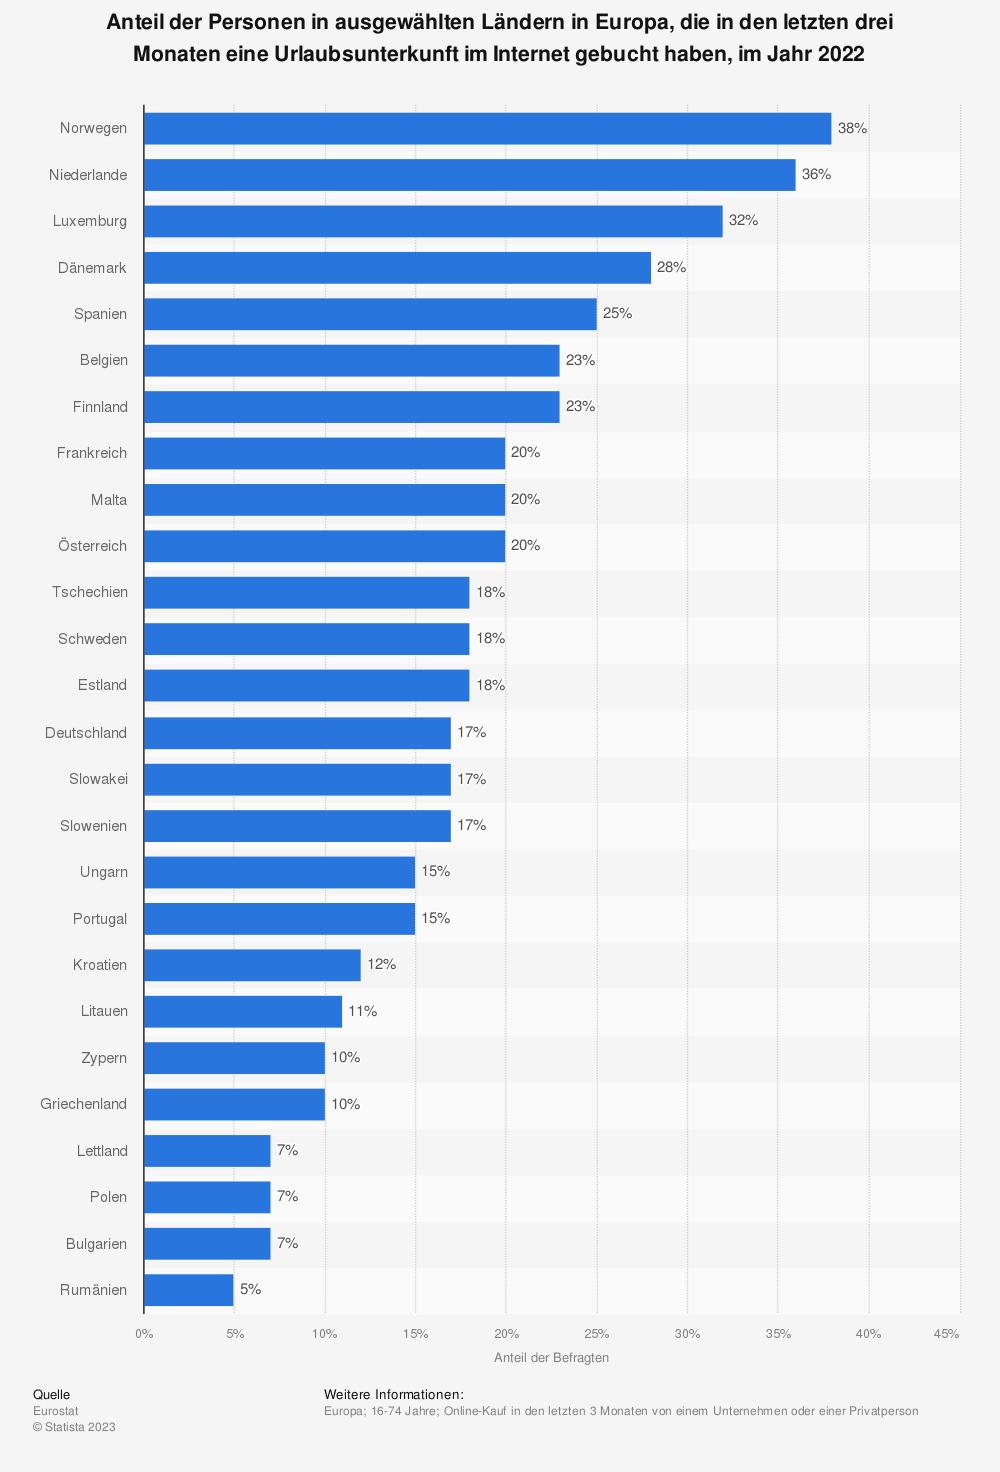 Statistik: Anteil der Personen in ausgewählten Ländern in Europa, die Reisen und Urlaubsunterkünfte im Internet gebucht haben, im Jahr 2019 | Statista